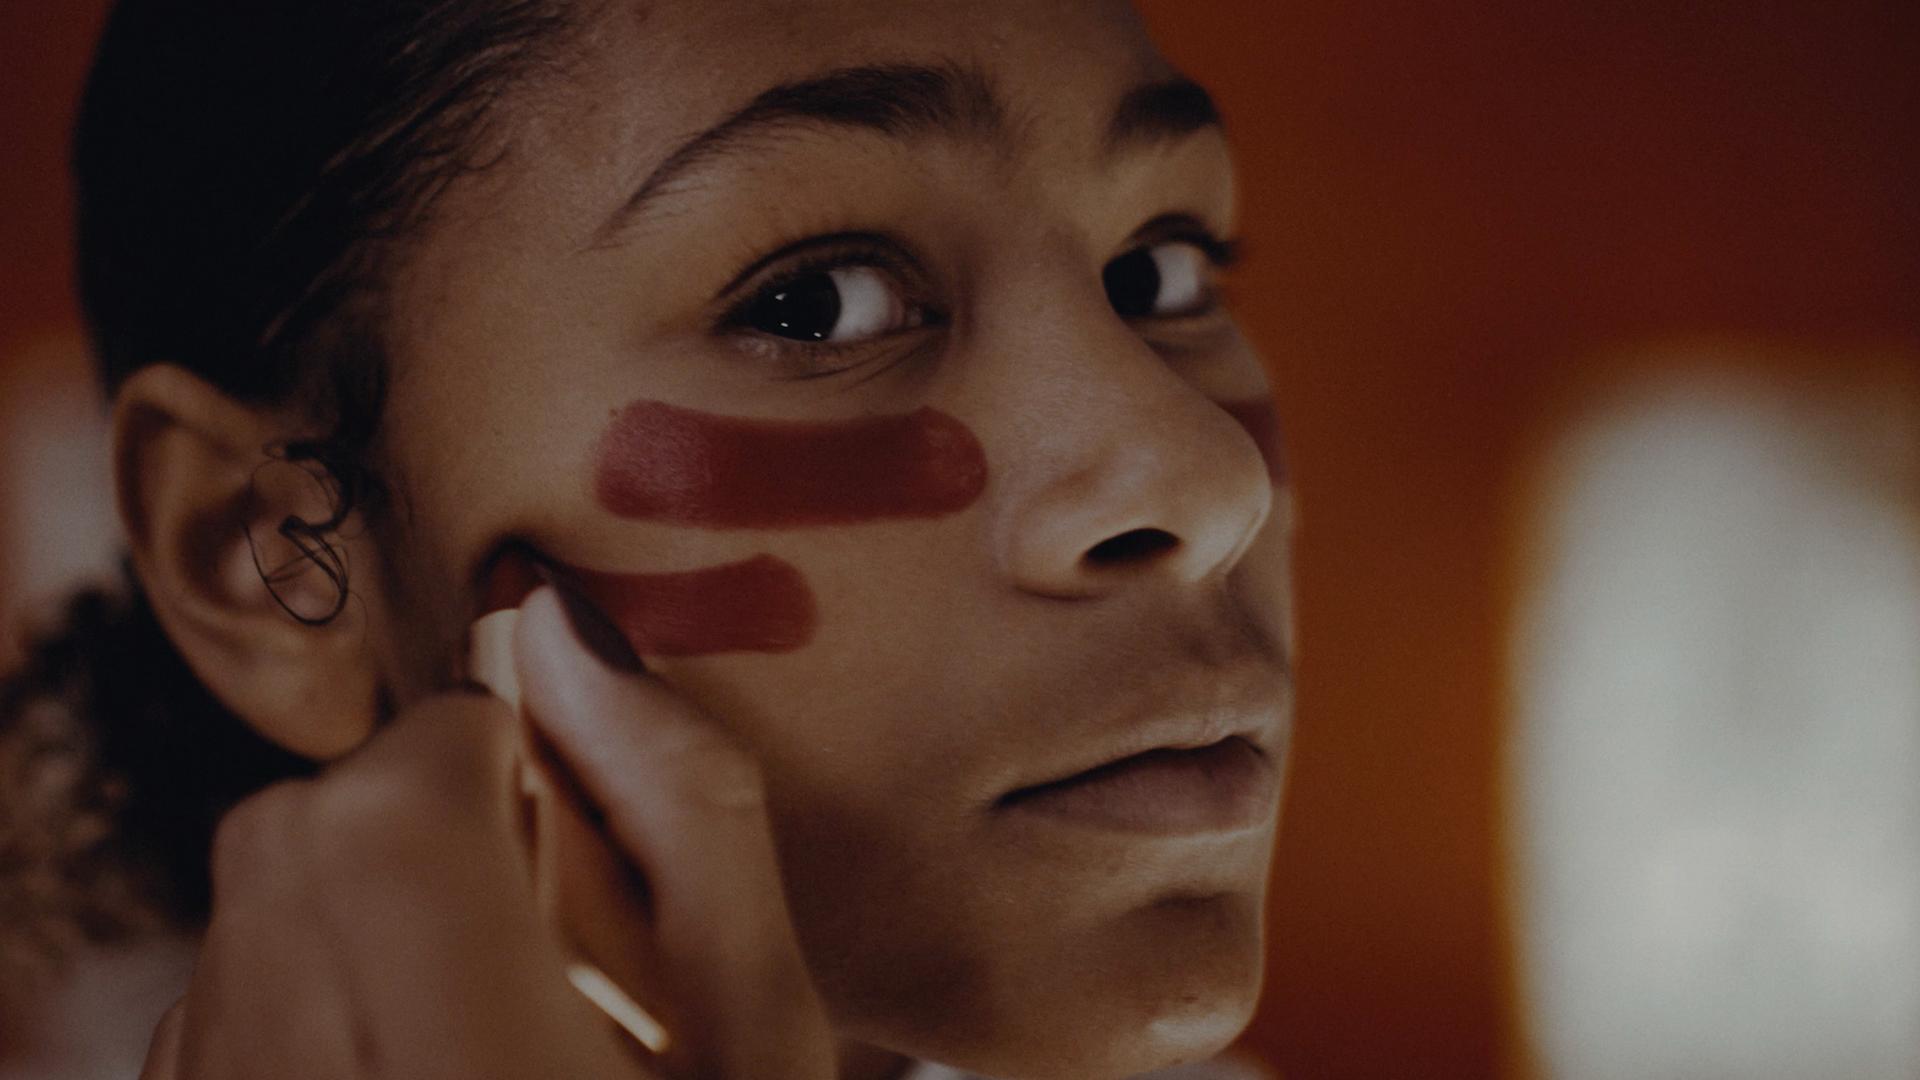 Meiden, de heldinnen van morgen | Thomas Endeman | Freelance Filmmaker